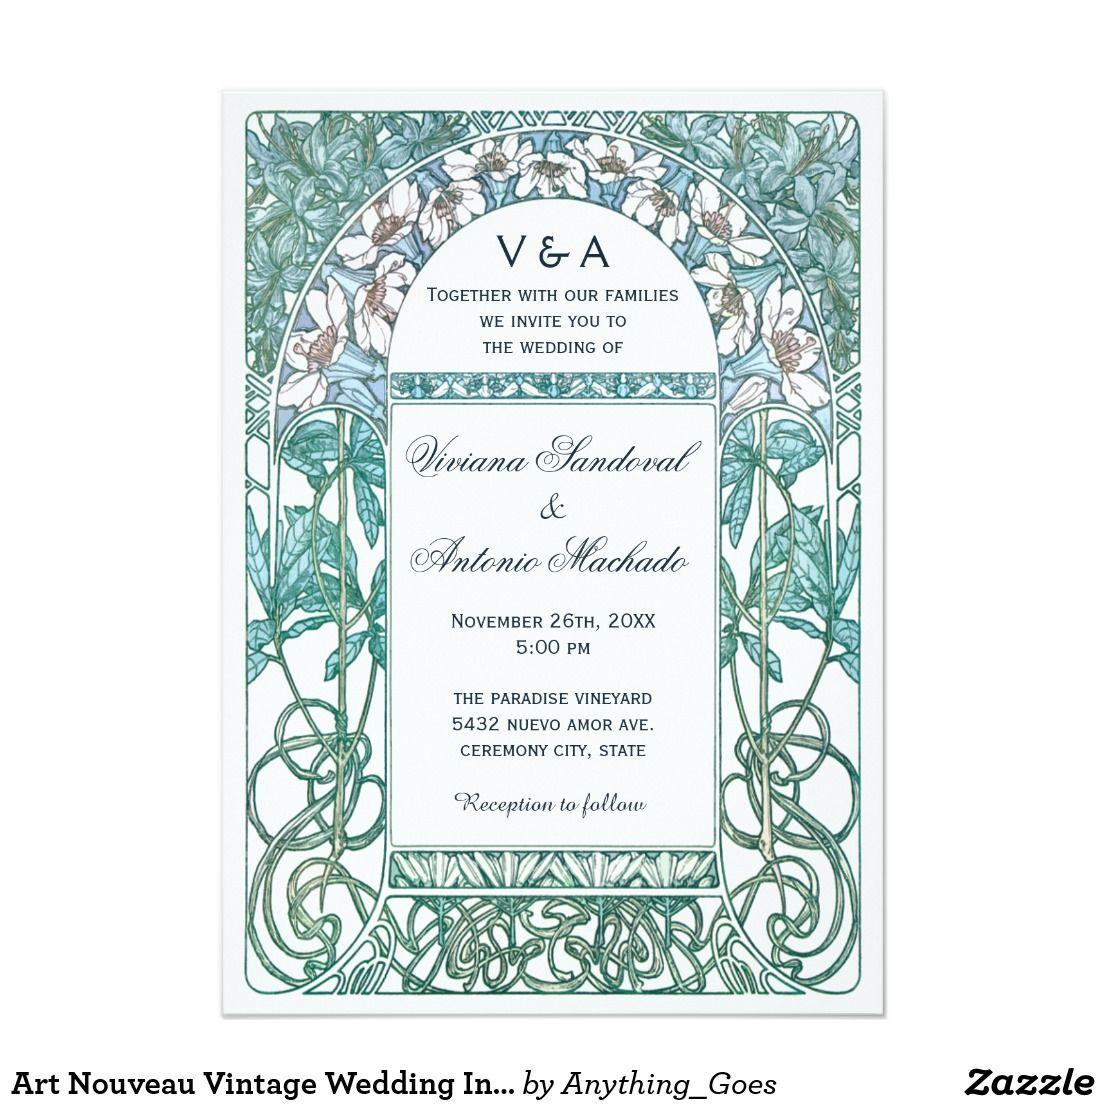 Art Nouveau Vintage Wedding Invitations VI   ARTE NOUVEAU WEDDING ...